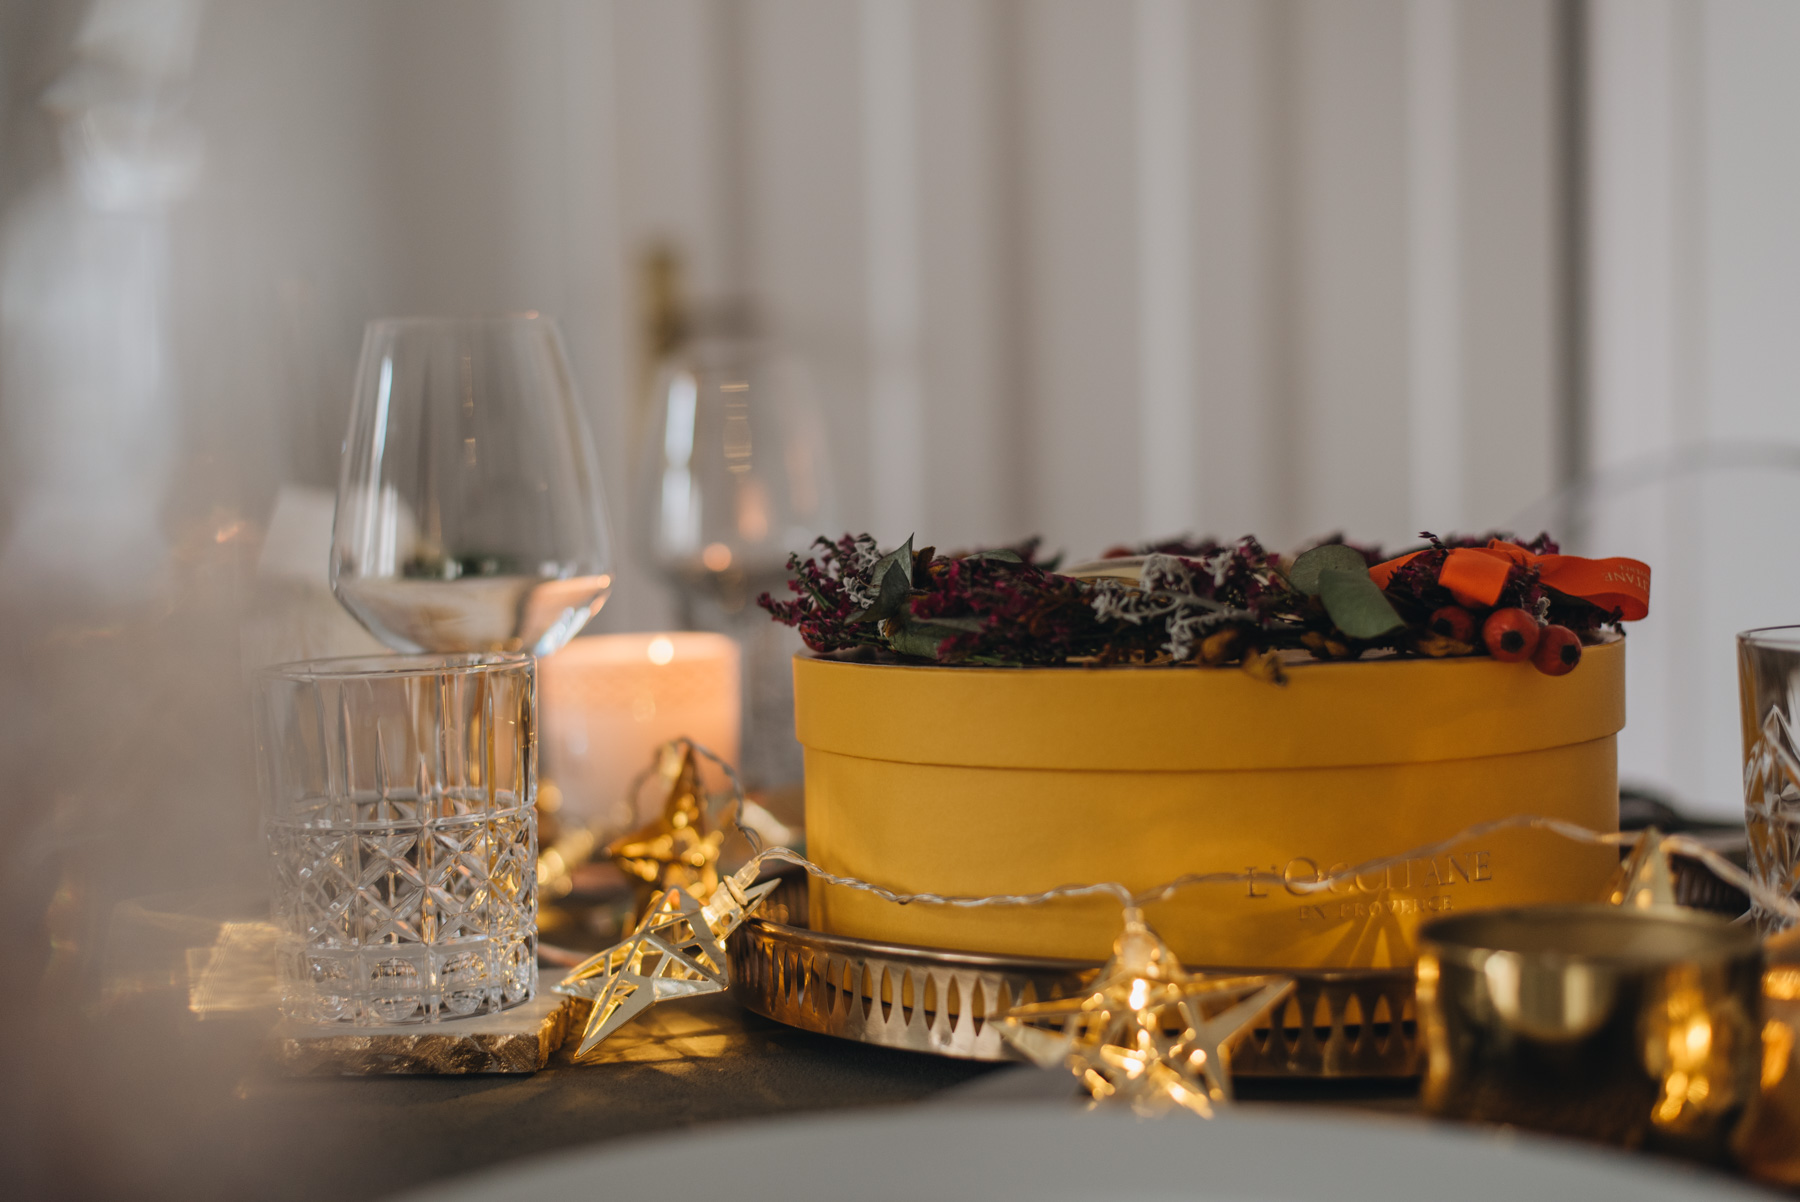 festliche-klassische-tischdeko-weihnachten--fashiioncarpet-nina-schwichtenberg